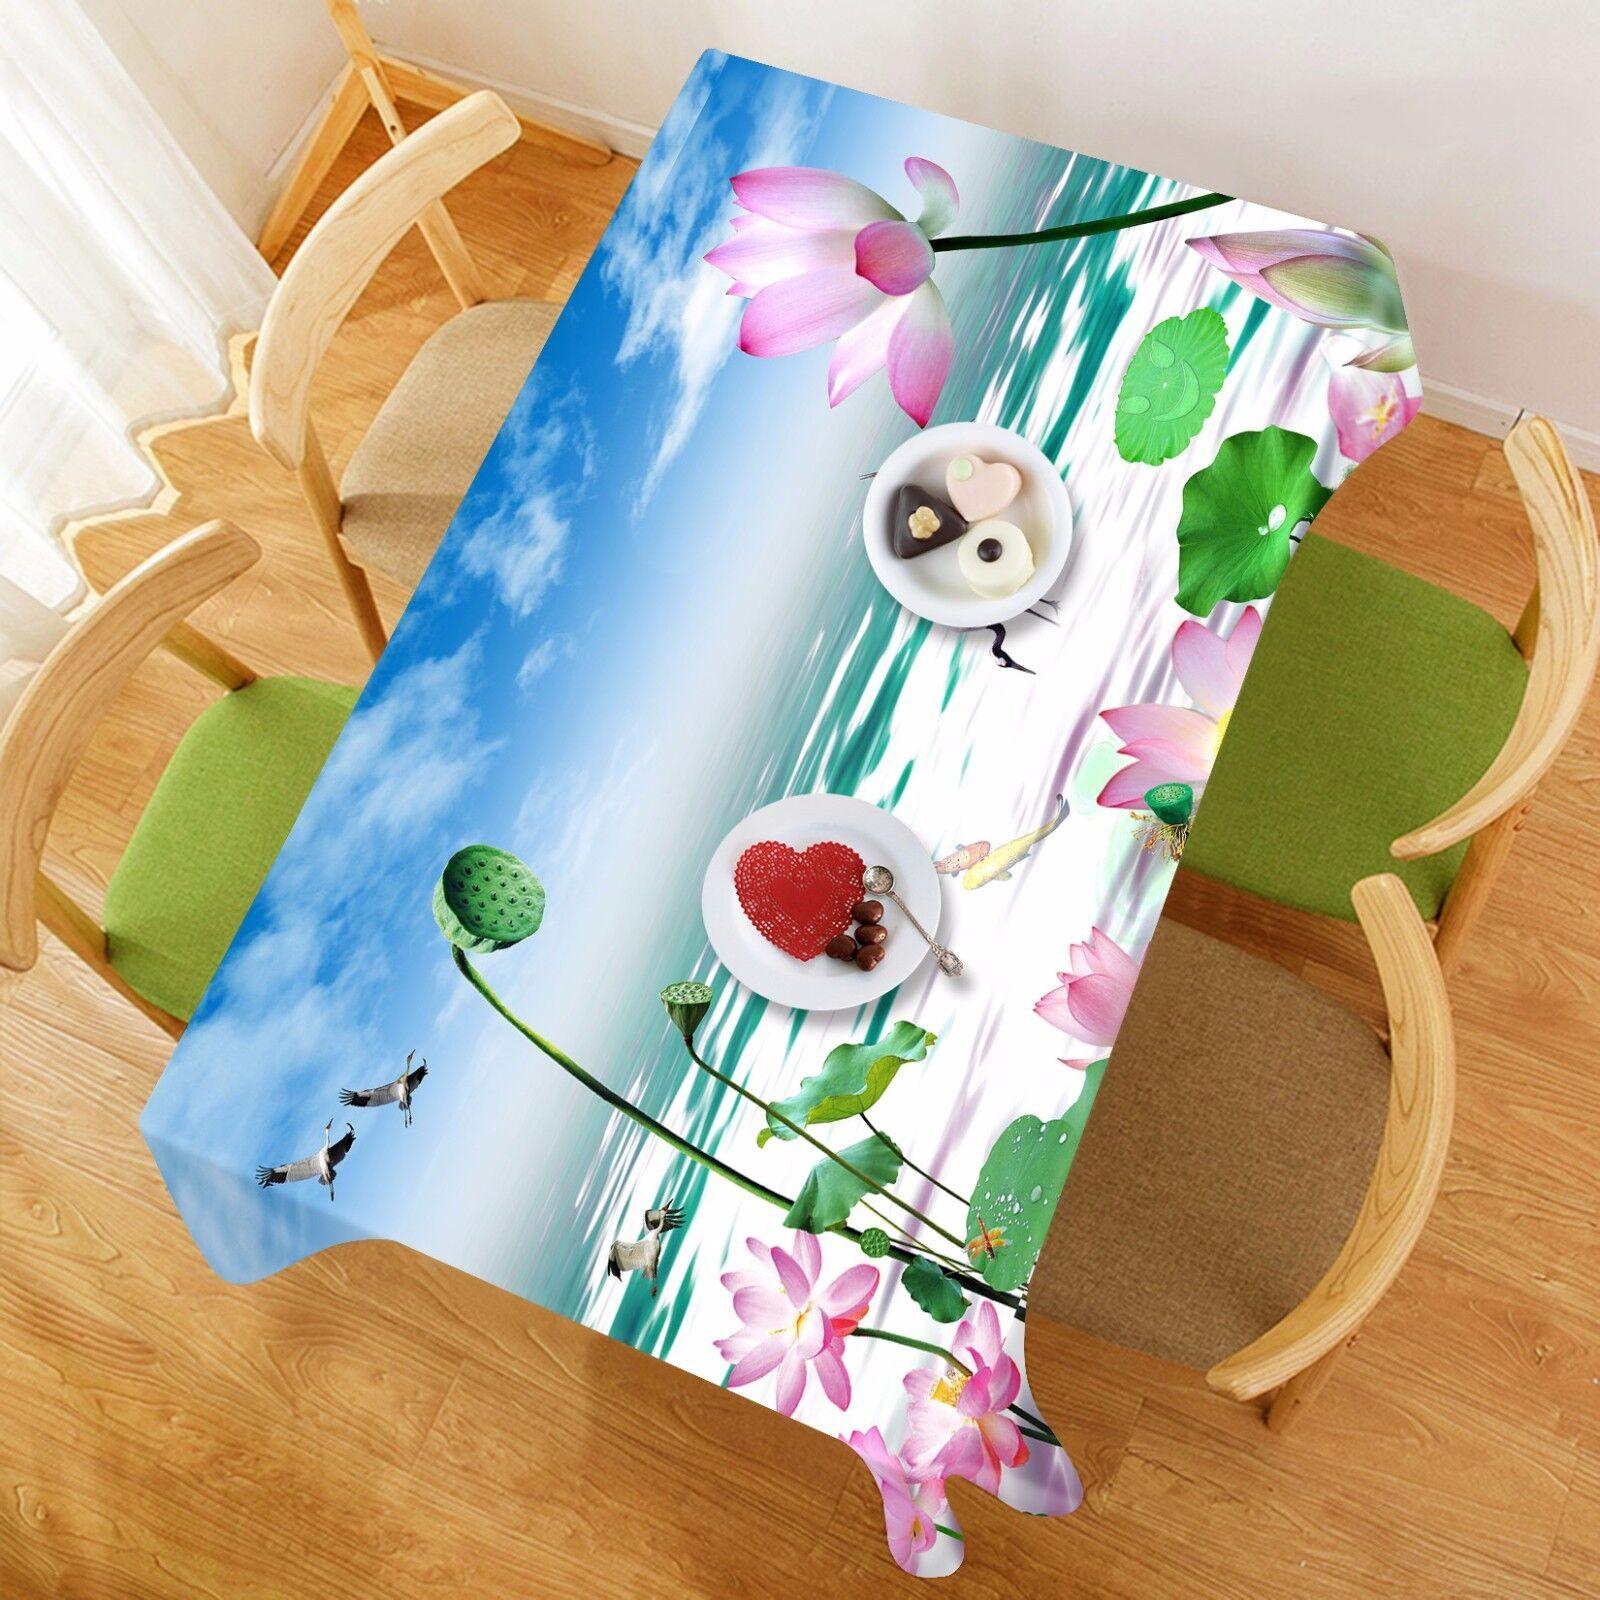 3D Lotus sky83 Nappe Table Cover Cloth Fête D'Anniversaire événement AJ papier peint UK